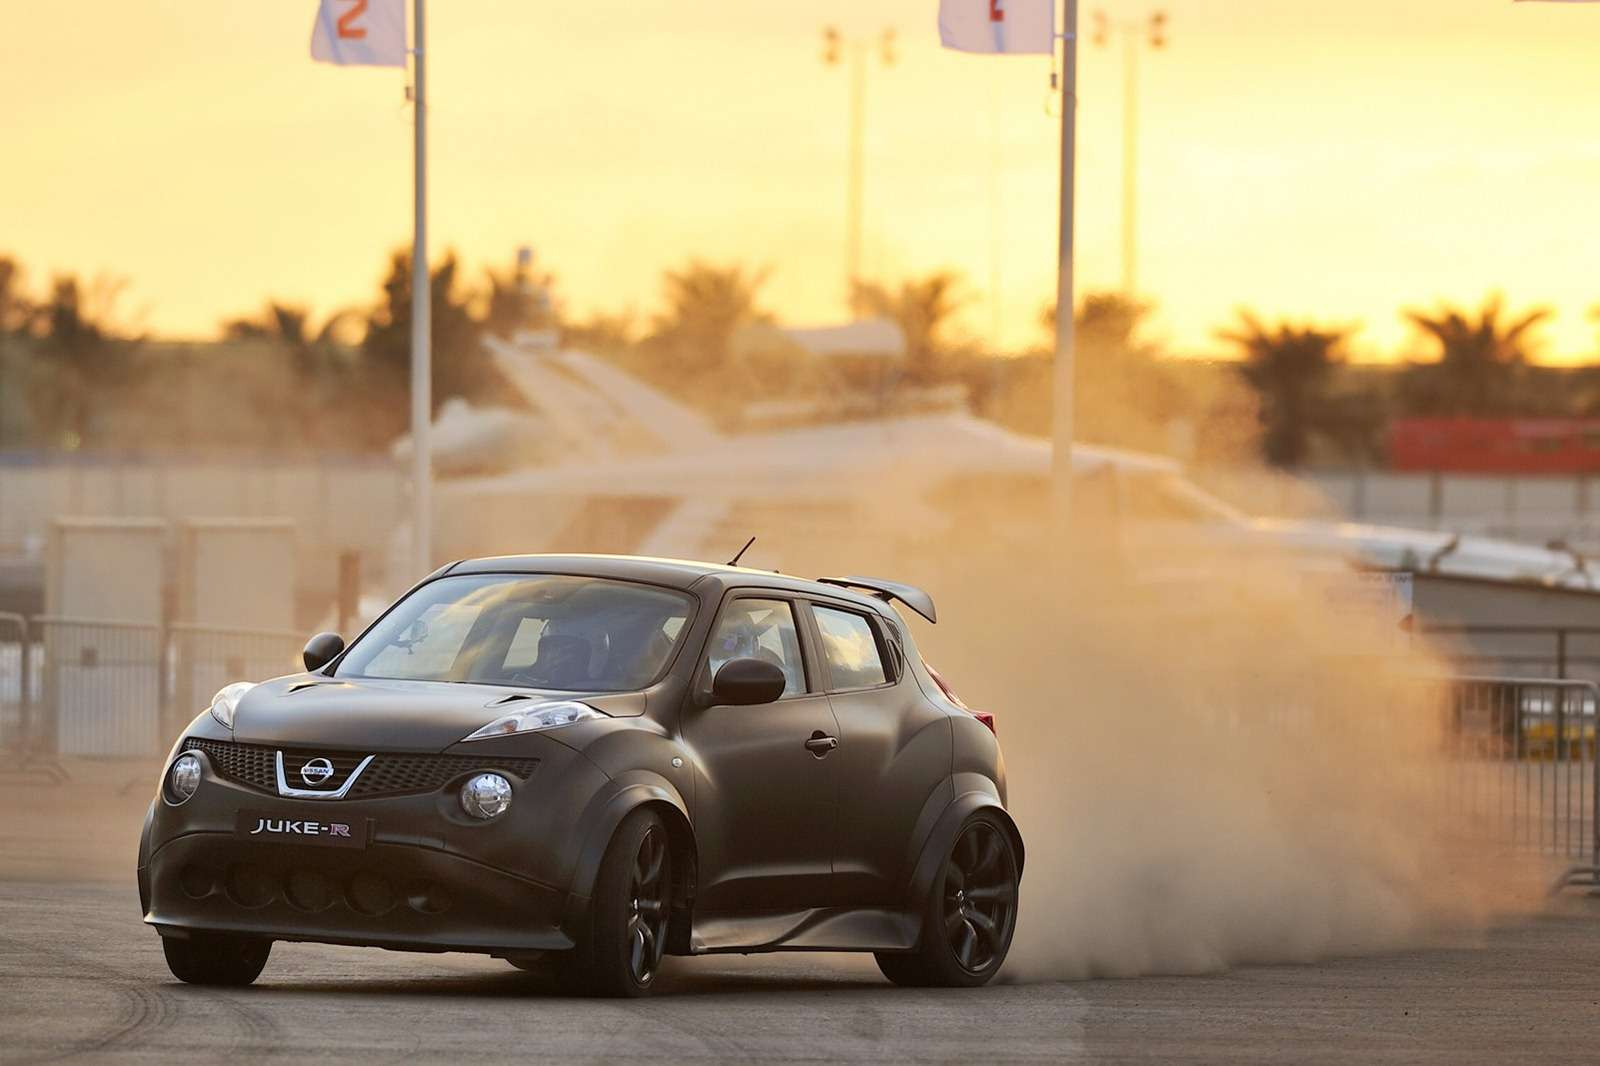 Nissan Juke-R daje wycisk fot styczen 2012